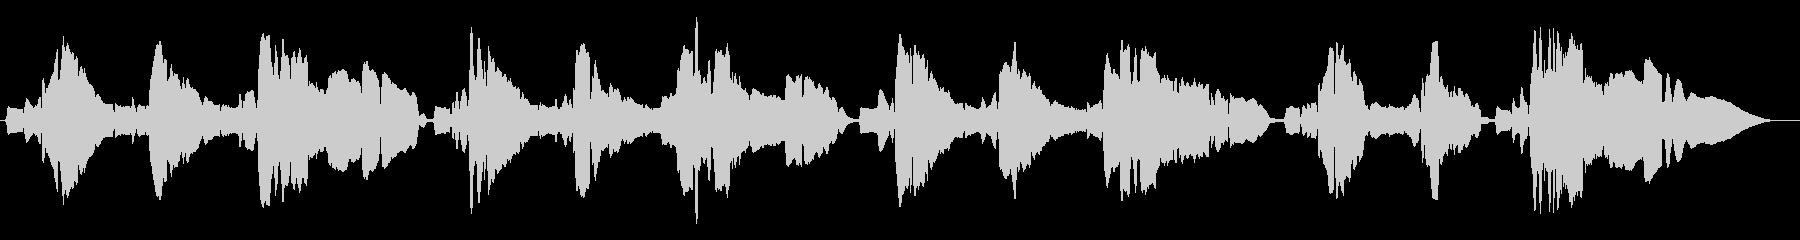 サックスの重奏ですの未再生の波形